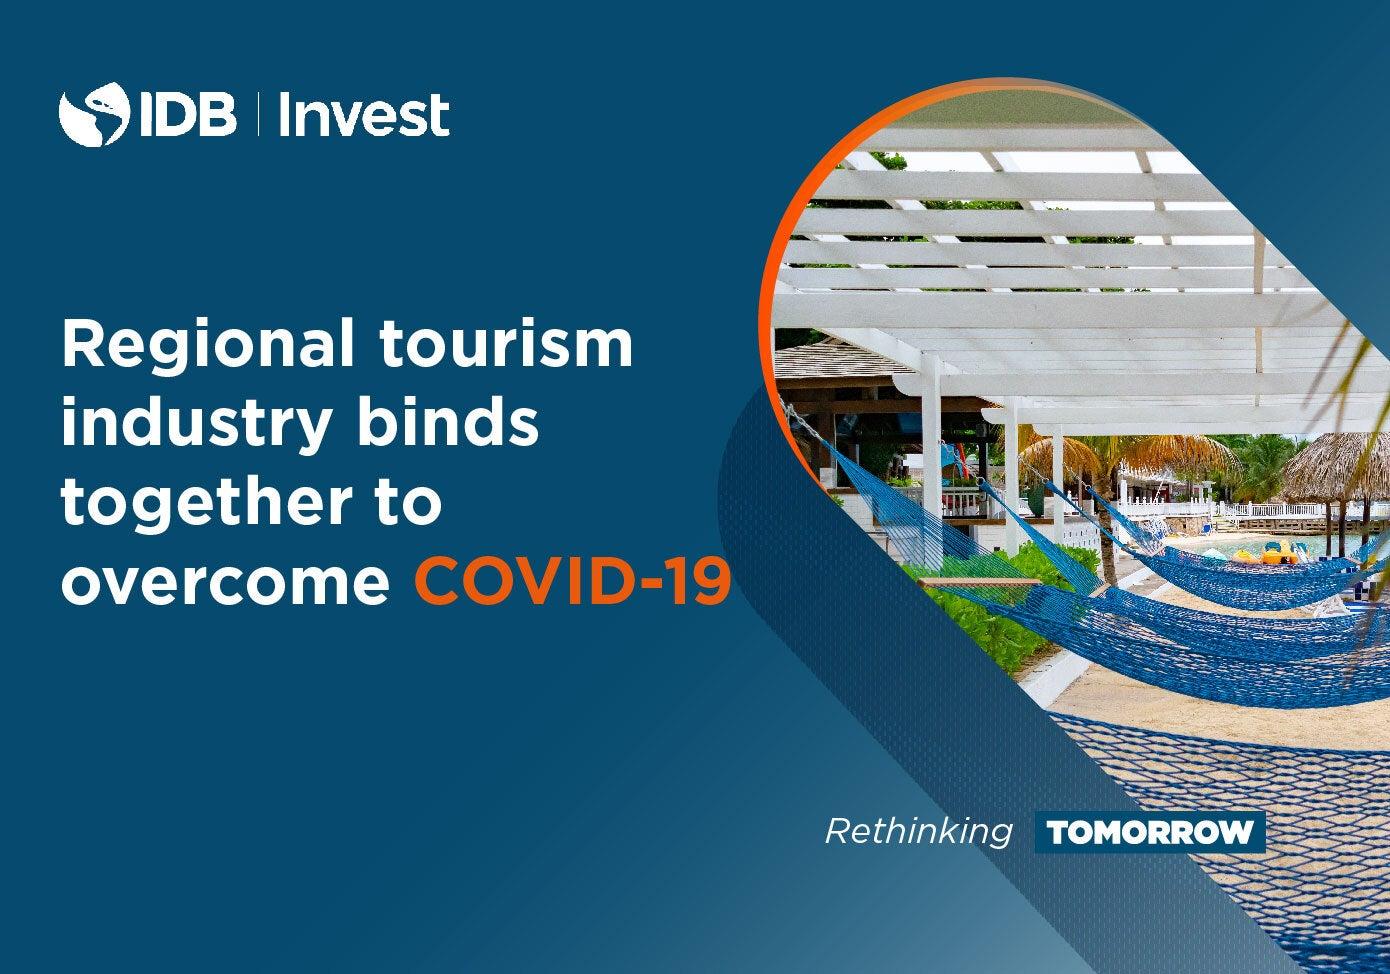 Tourism to overcome COVID-19